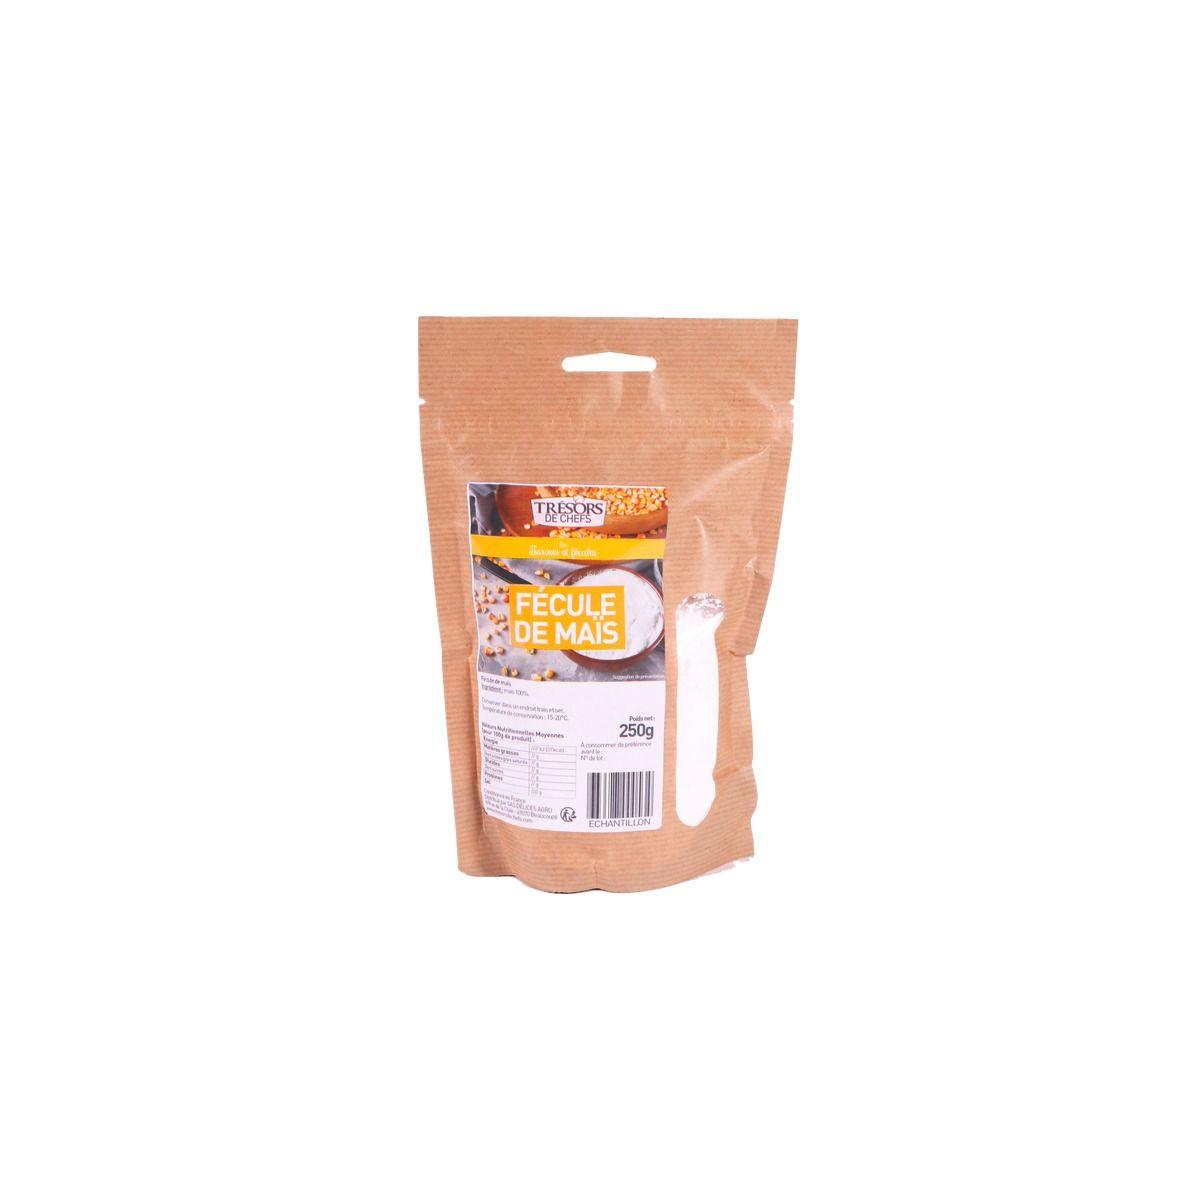 Fécule de maïs 250 gr - Trésors de Chefs